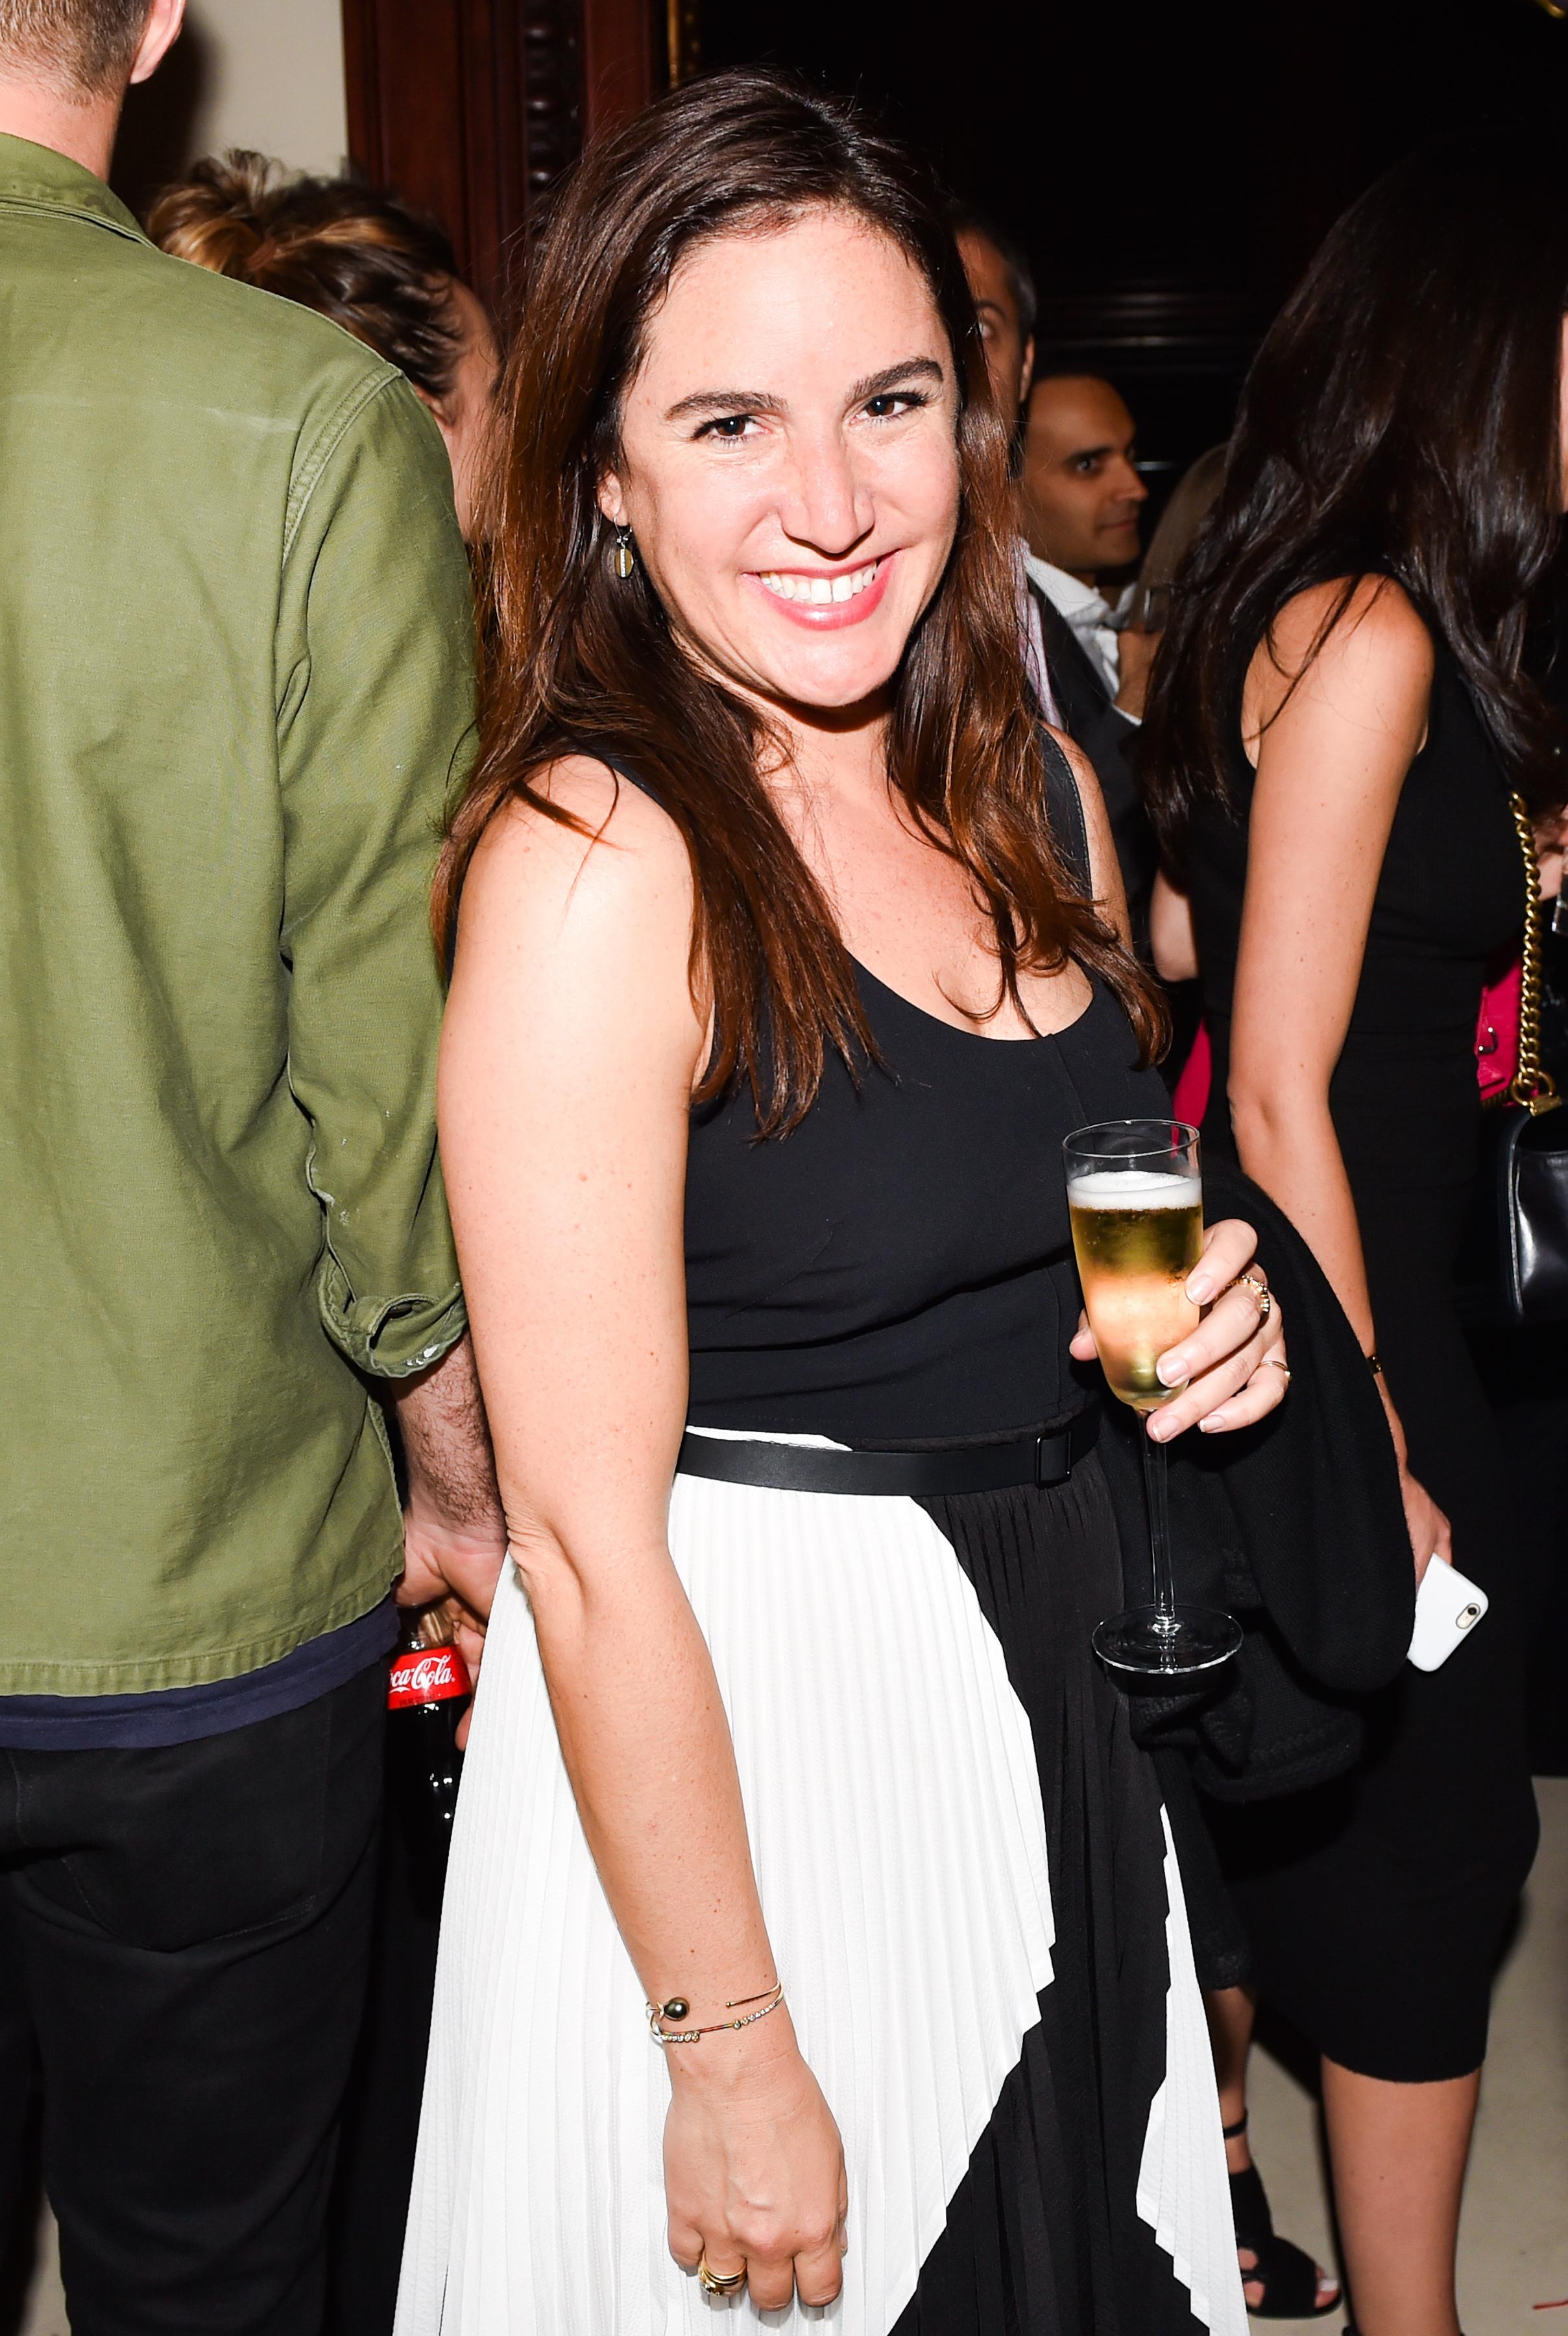 Nicole Esposito